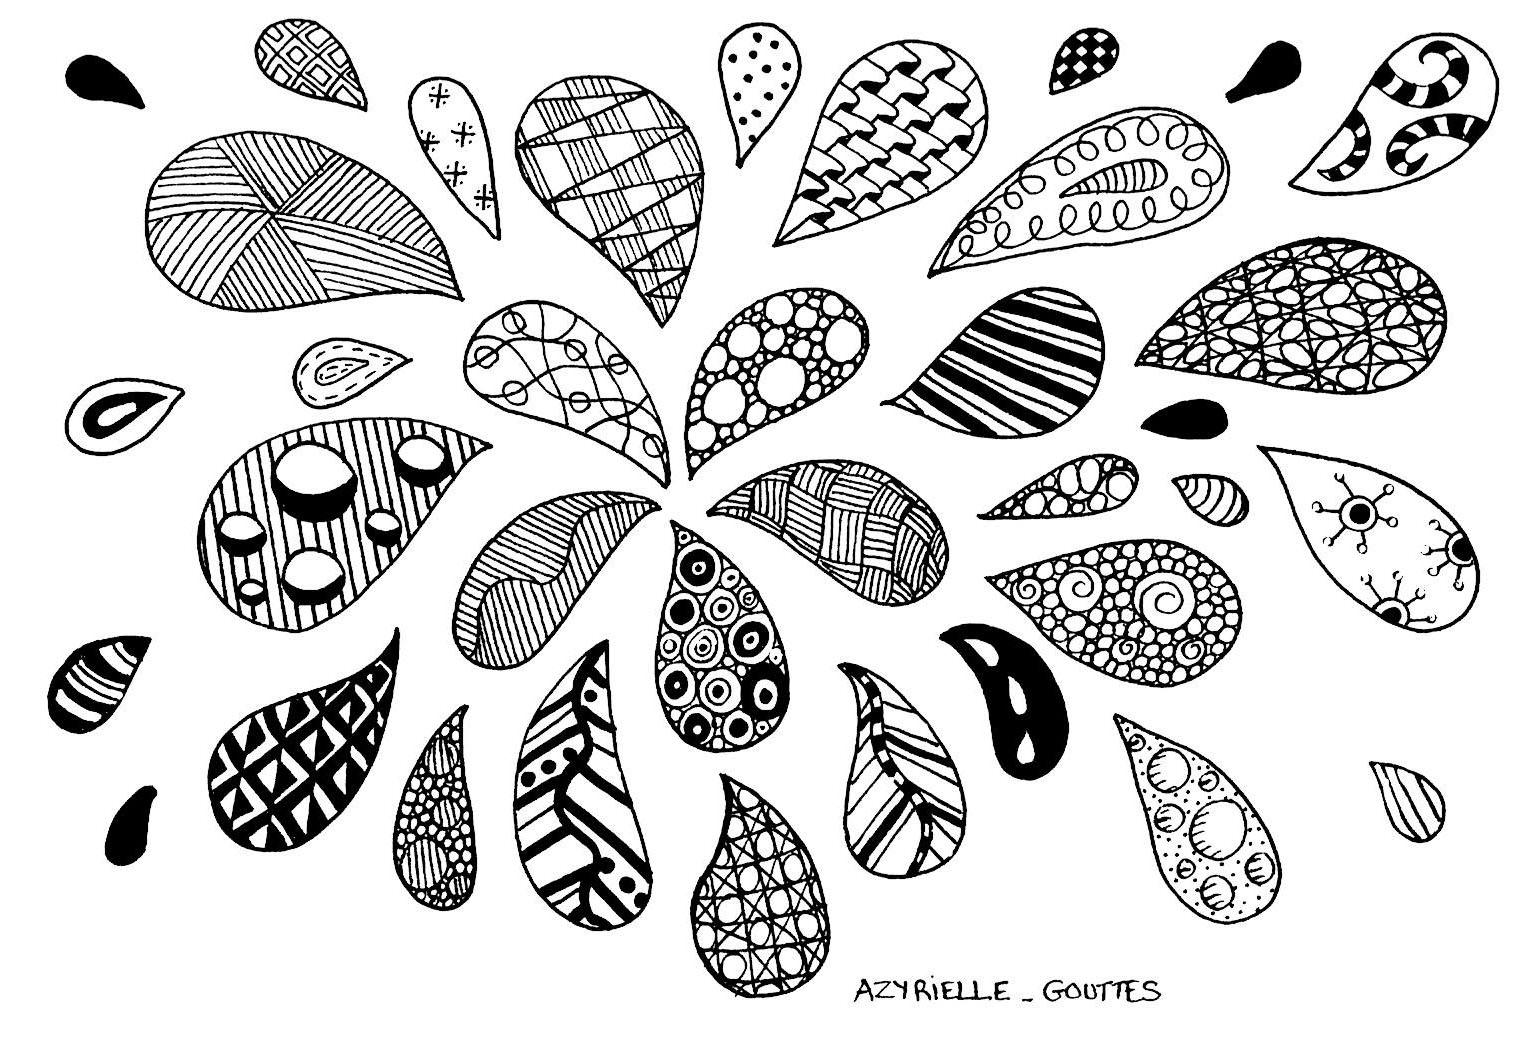 Disegni da colorare per adulti : Zentangle - 66